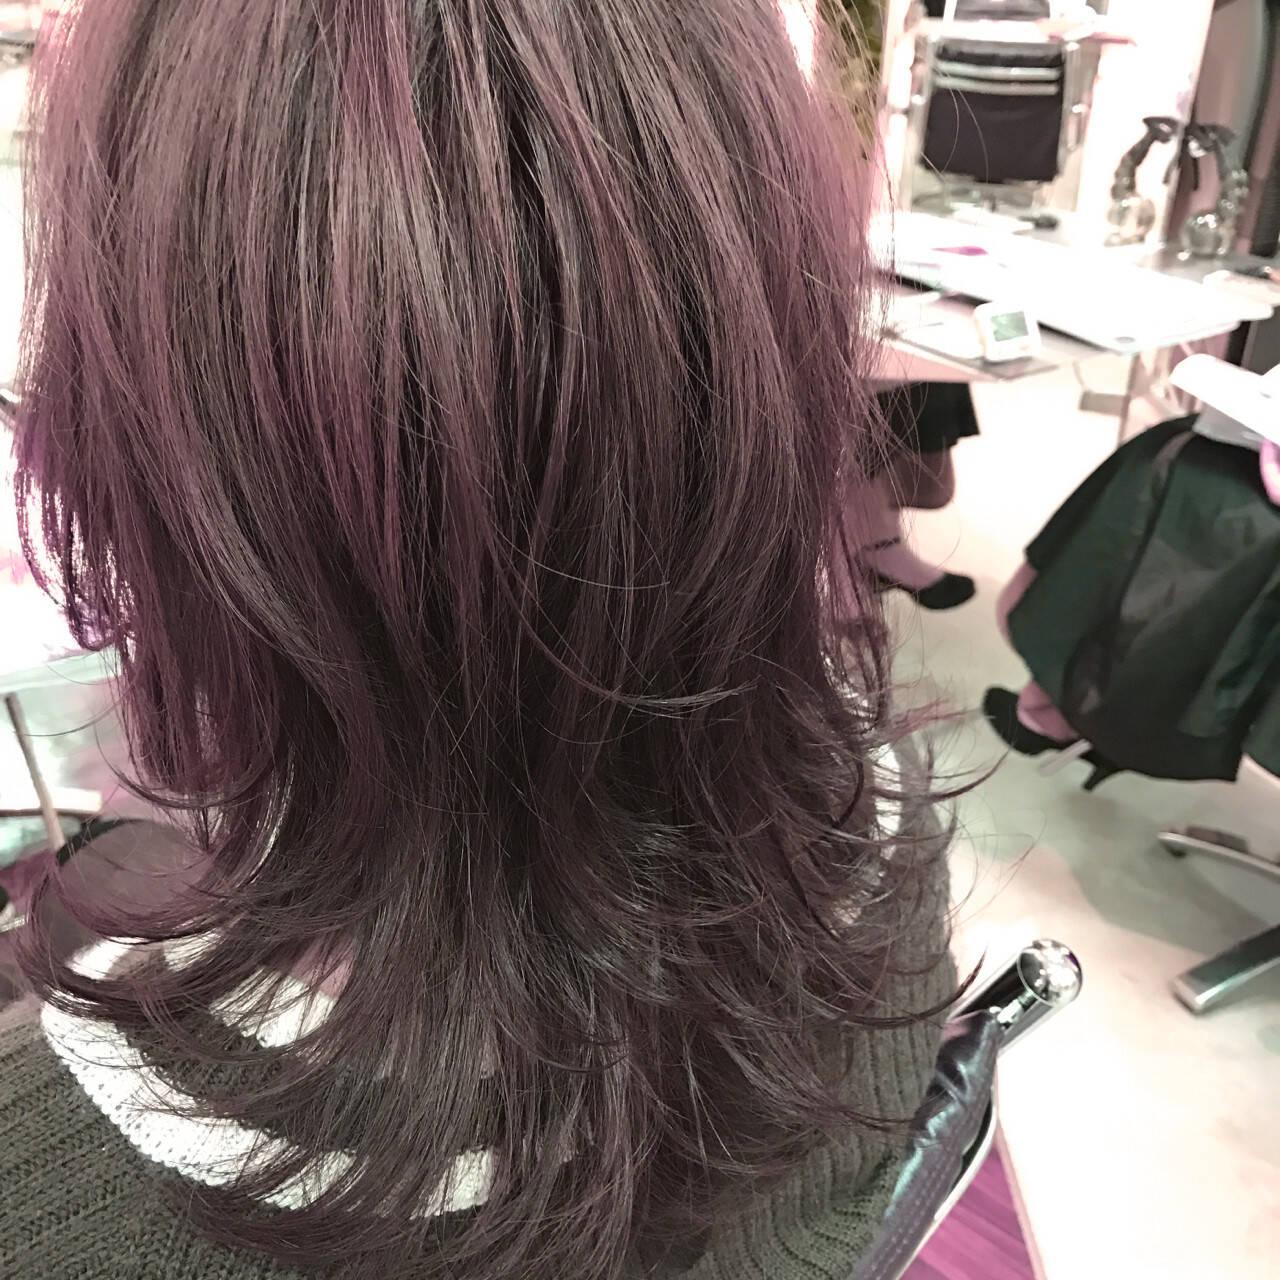 ミディアム ストリート レイヤーカット 外ハネヘアスタイルや髪型の写真・画像